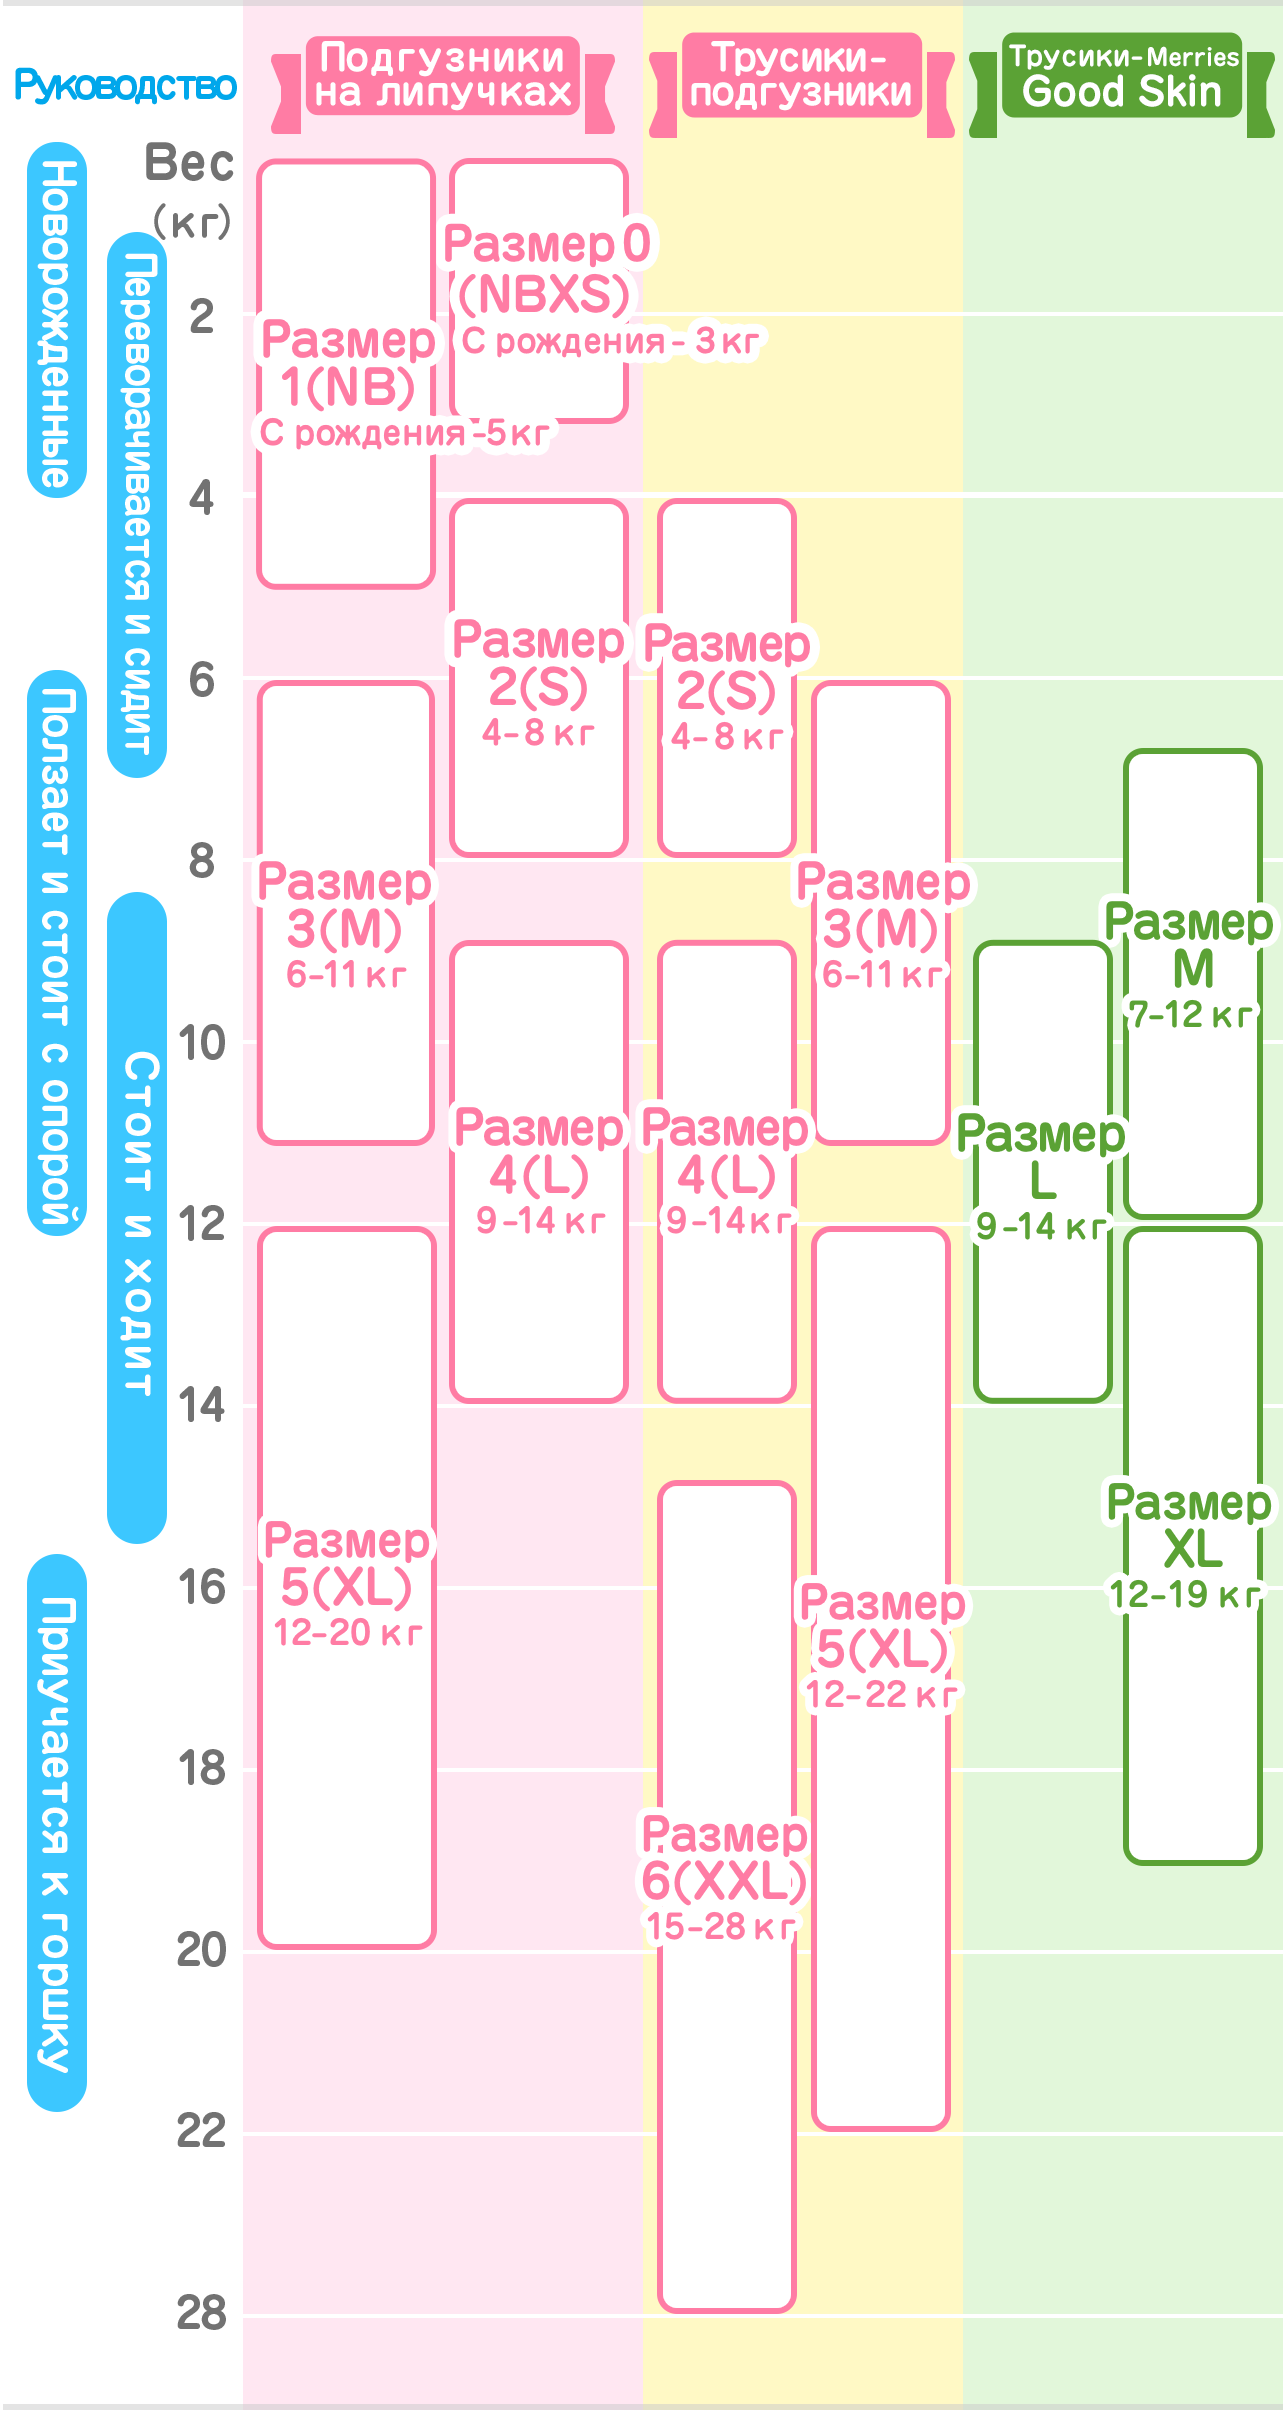 a67110a4a1e56 Кроме того, у разных детей разные частота и объем мочеиспускания, так что  выбирайте размер подгузника, тщательно сопоставив все эти факторы.